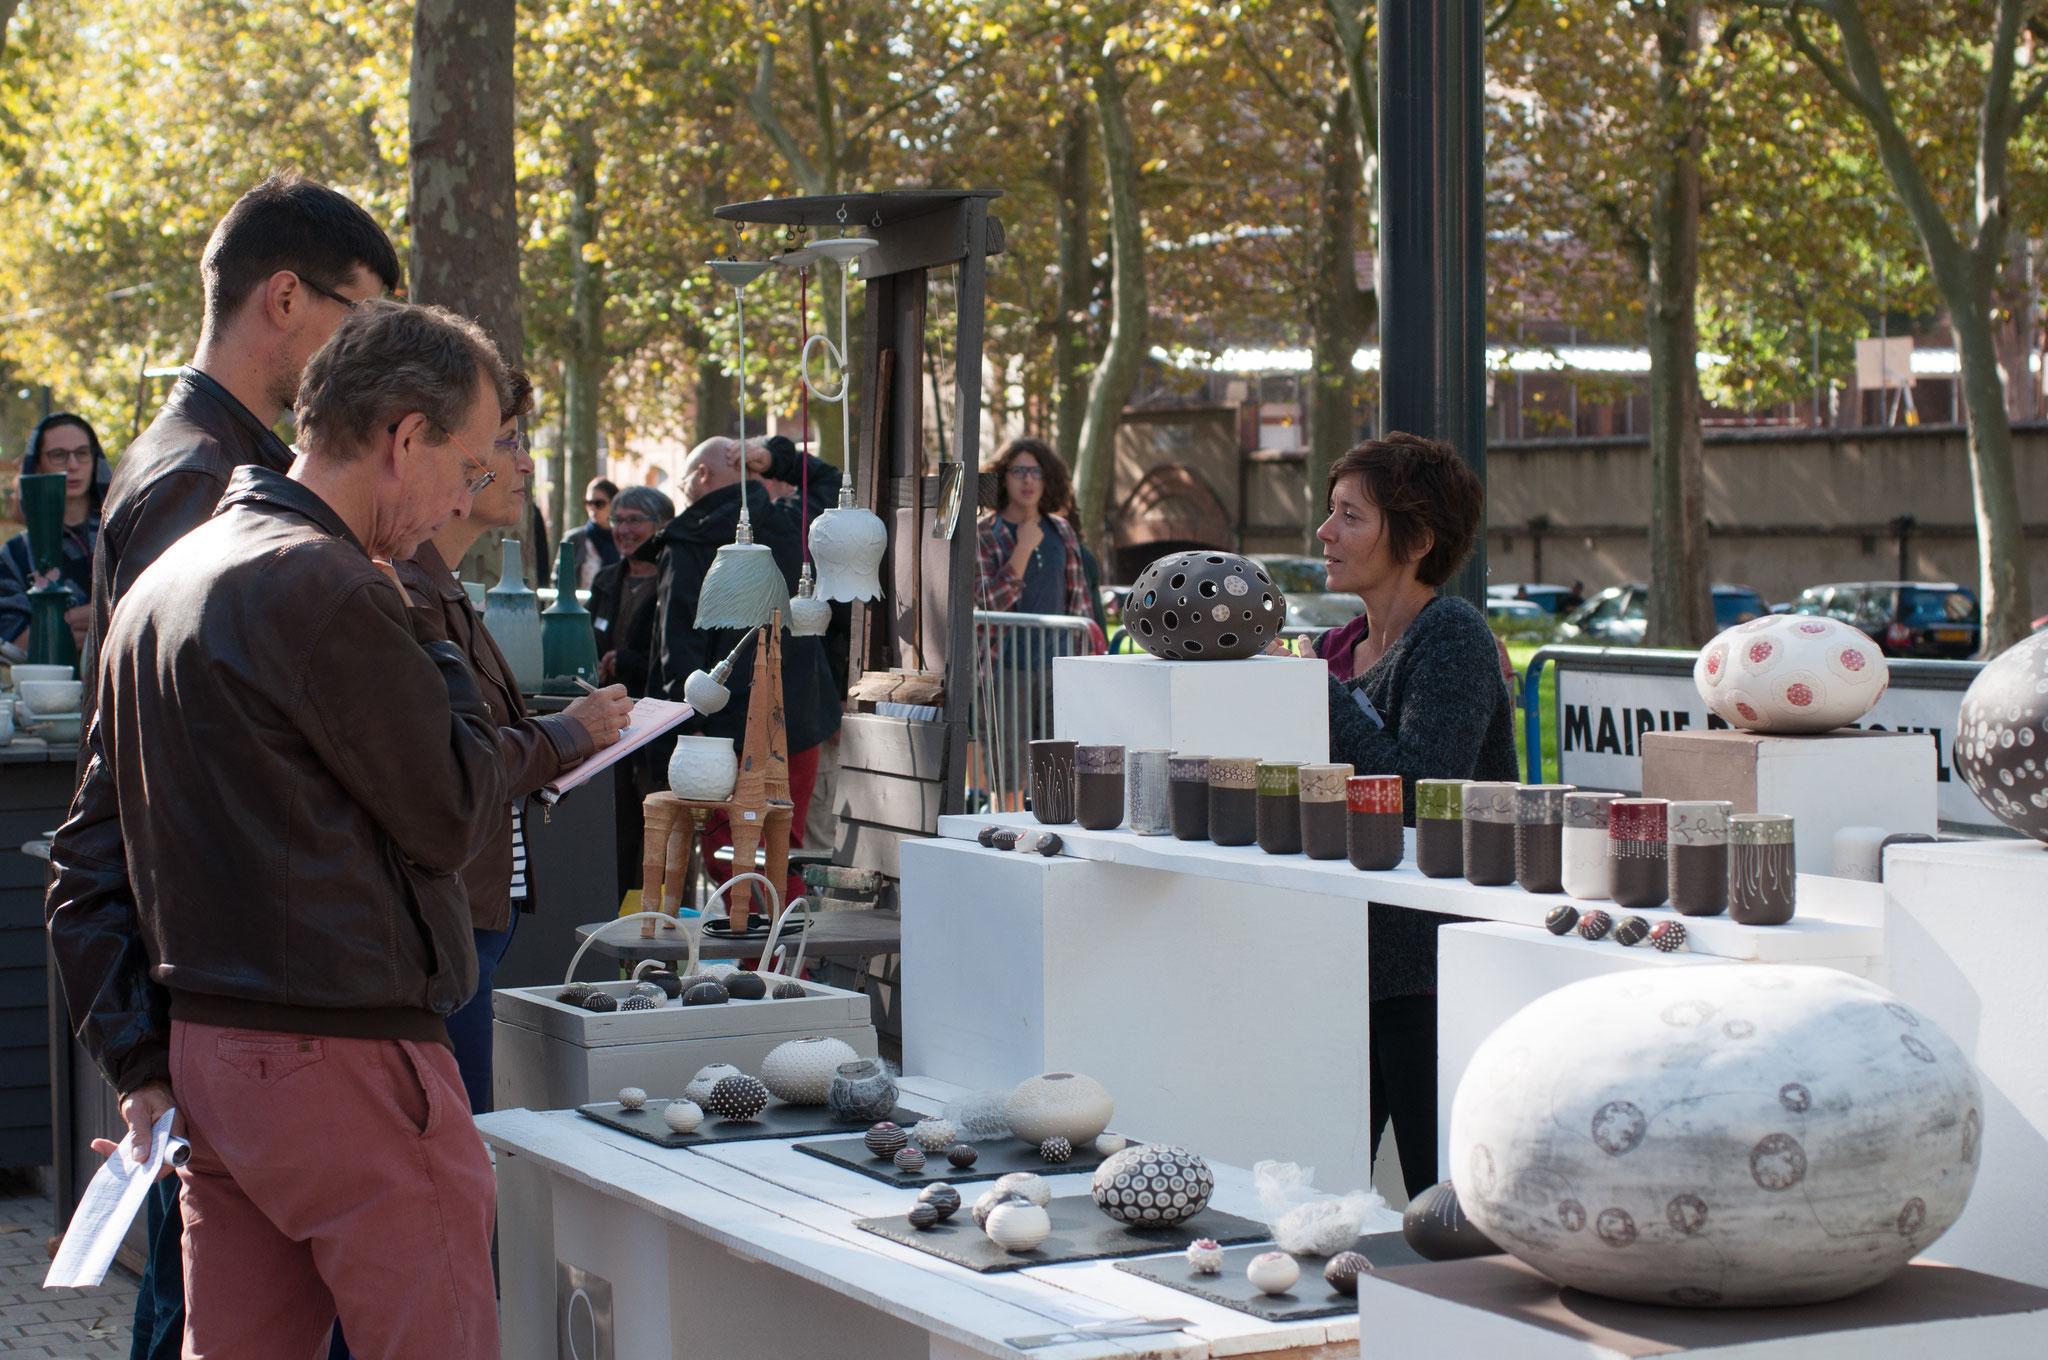 image23 11 | Terre et Terres | Marché Toulouse | Les Allées Céramique à Toulouse les 8 et 9 octobre 2016 | Article | Terre et Terres | 1 novembre 2017